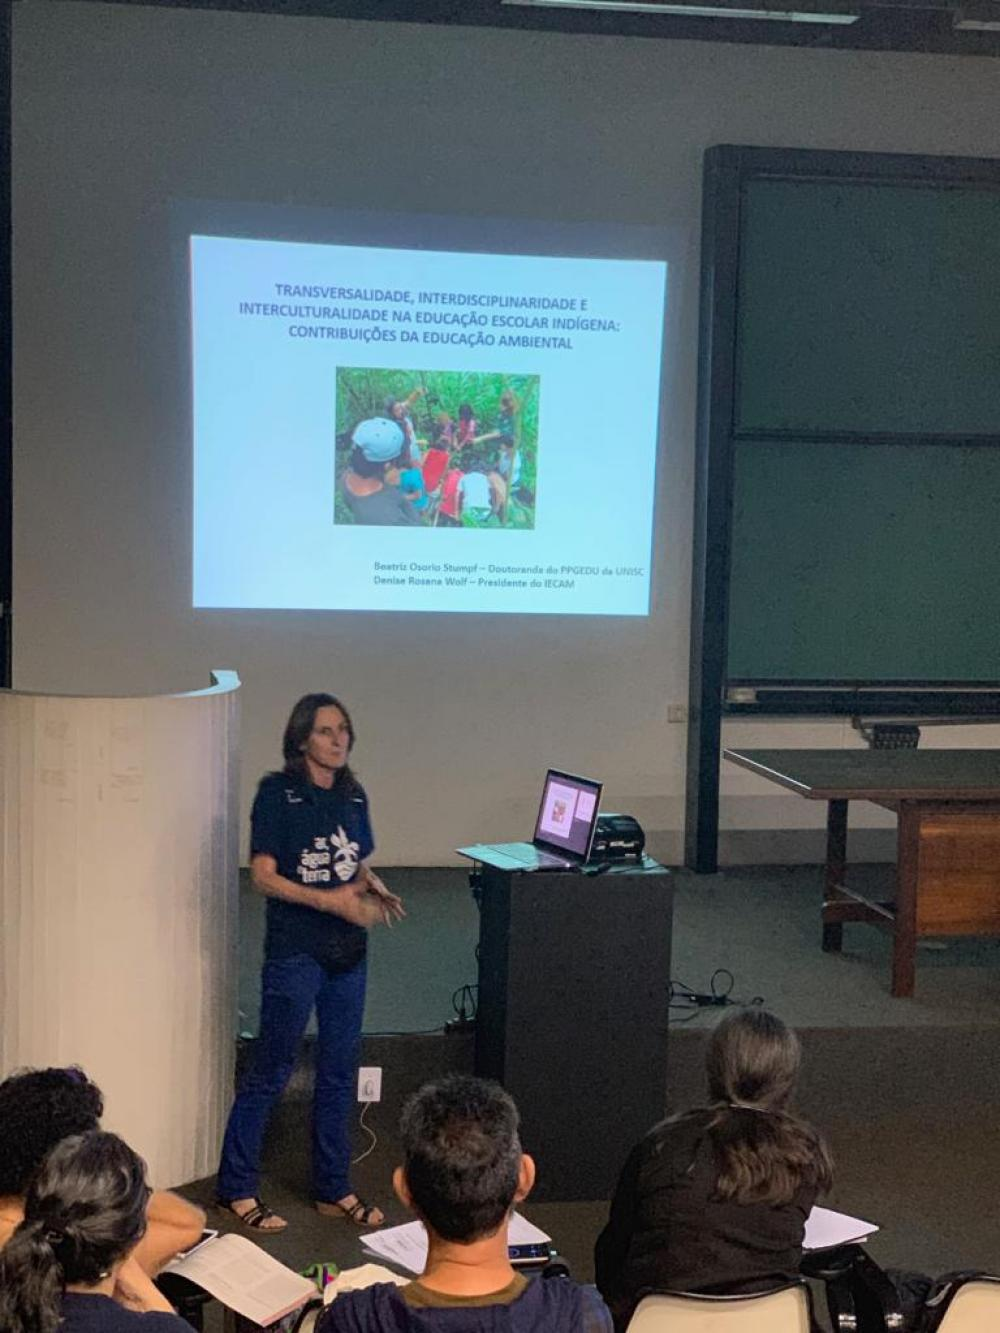 Educação indígena é tema de trabalho científico apresentado no 3º CIPIAL